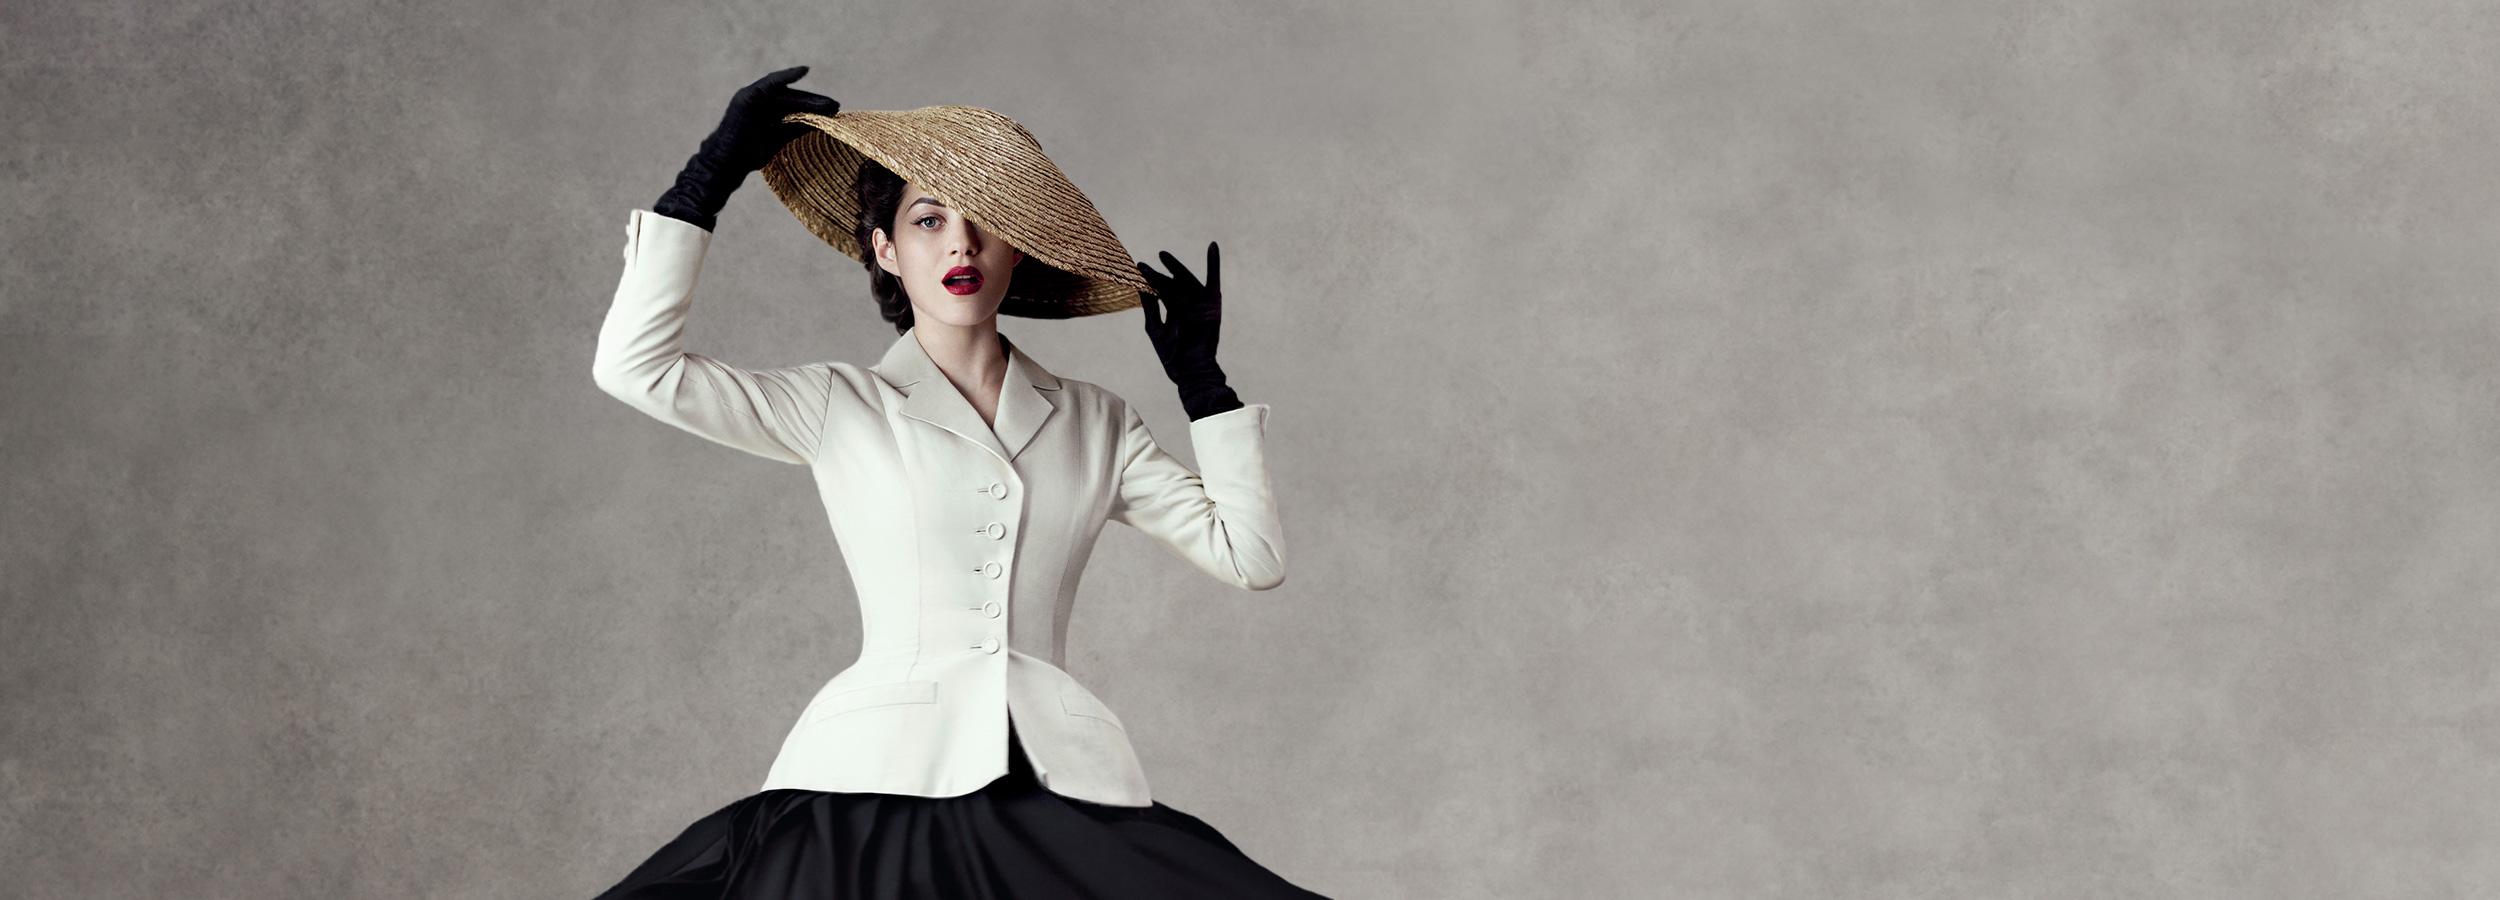 La collection New Look de Dior exposée à partir du 6 Juin !